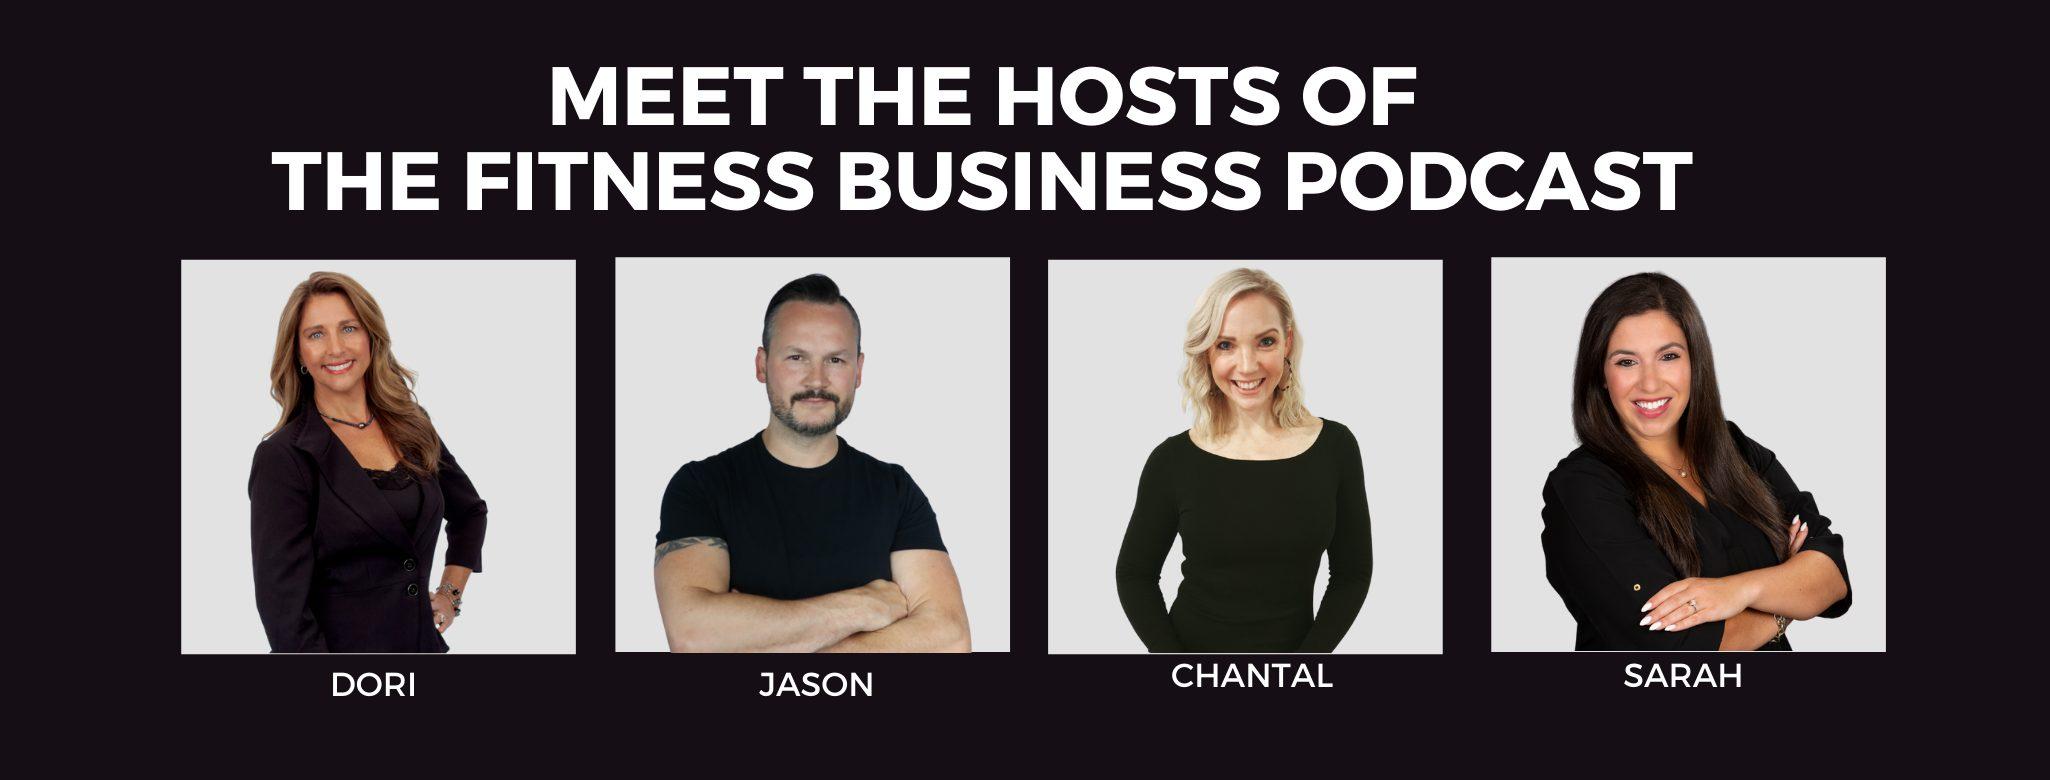 meet-FBP-hosts